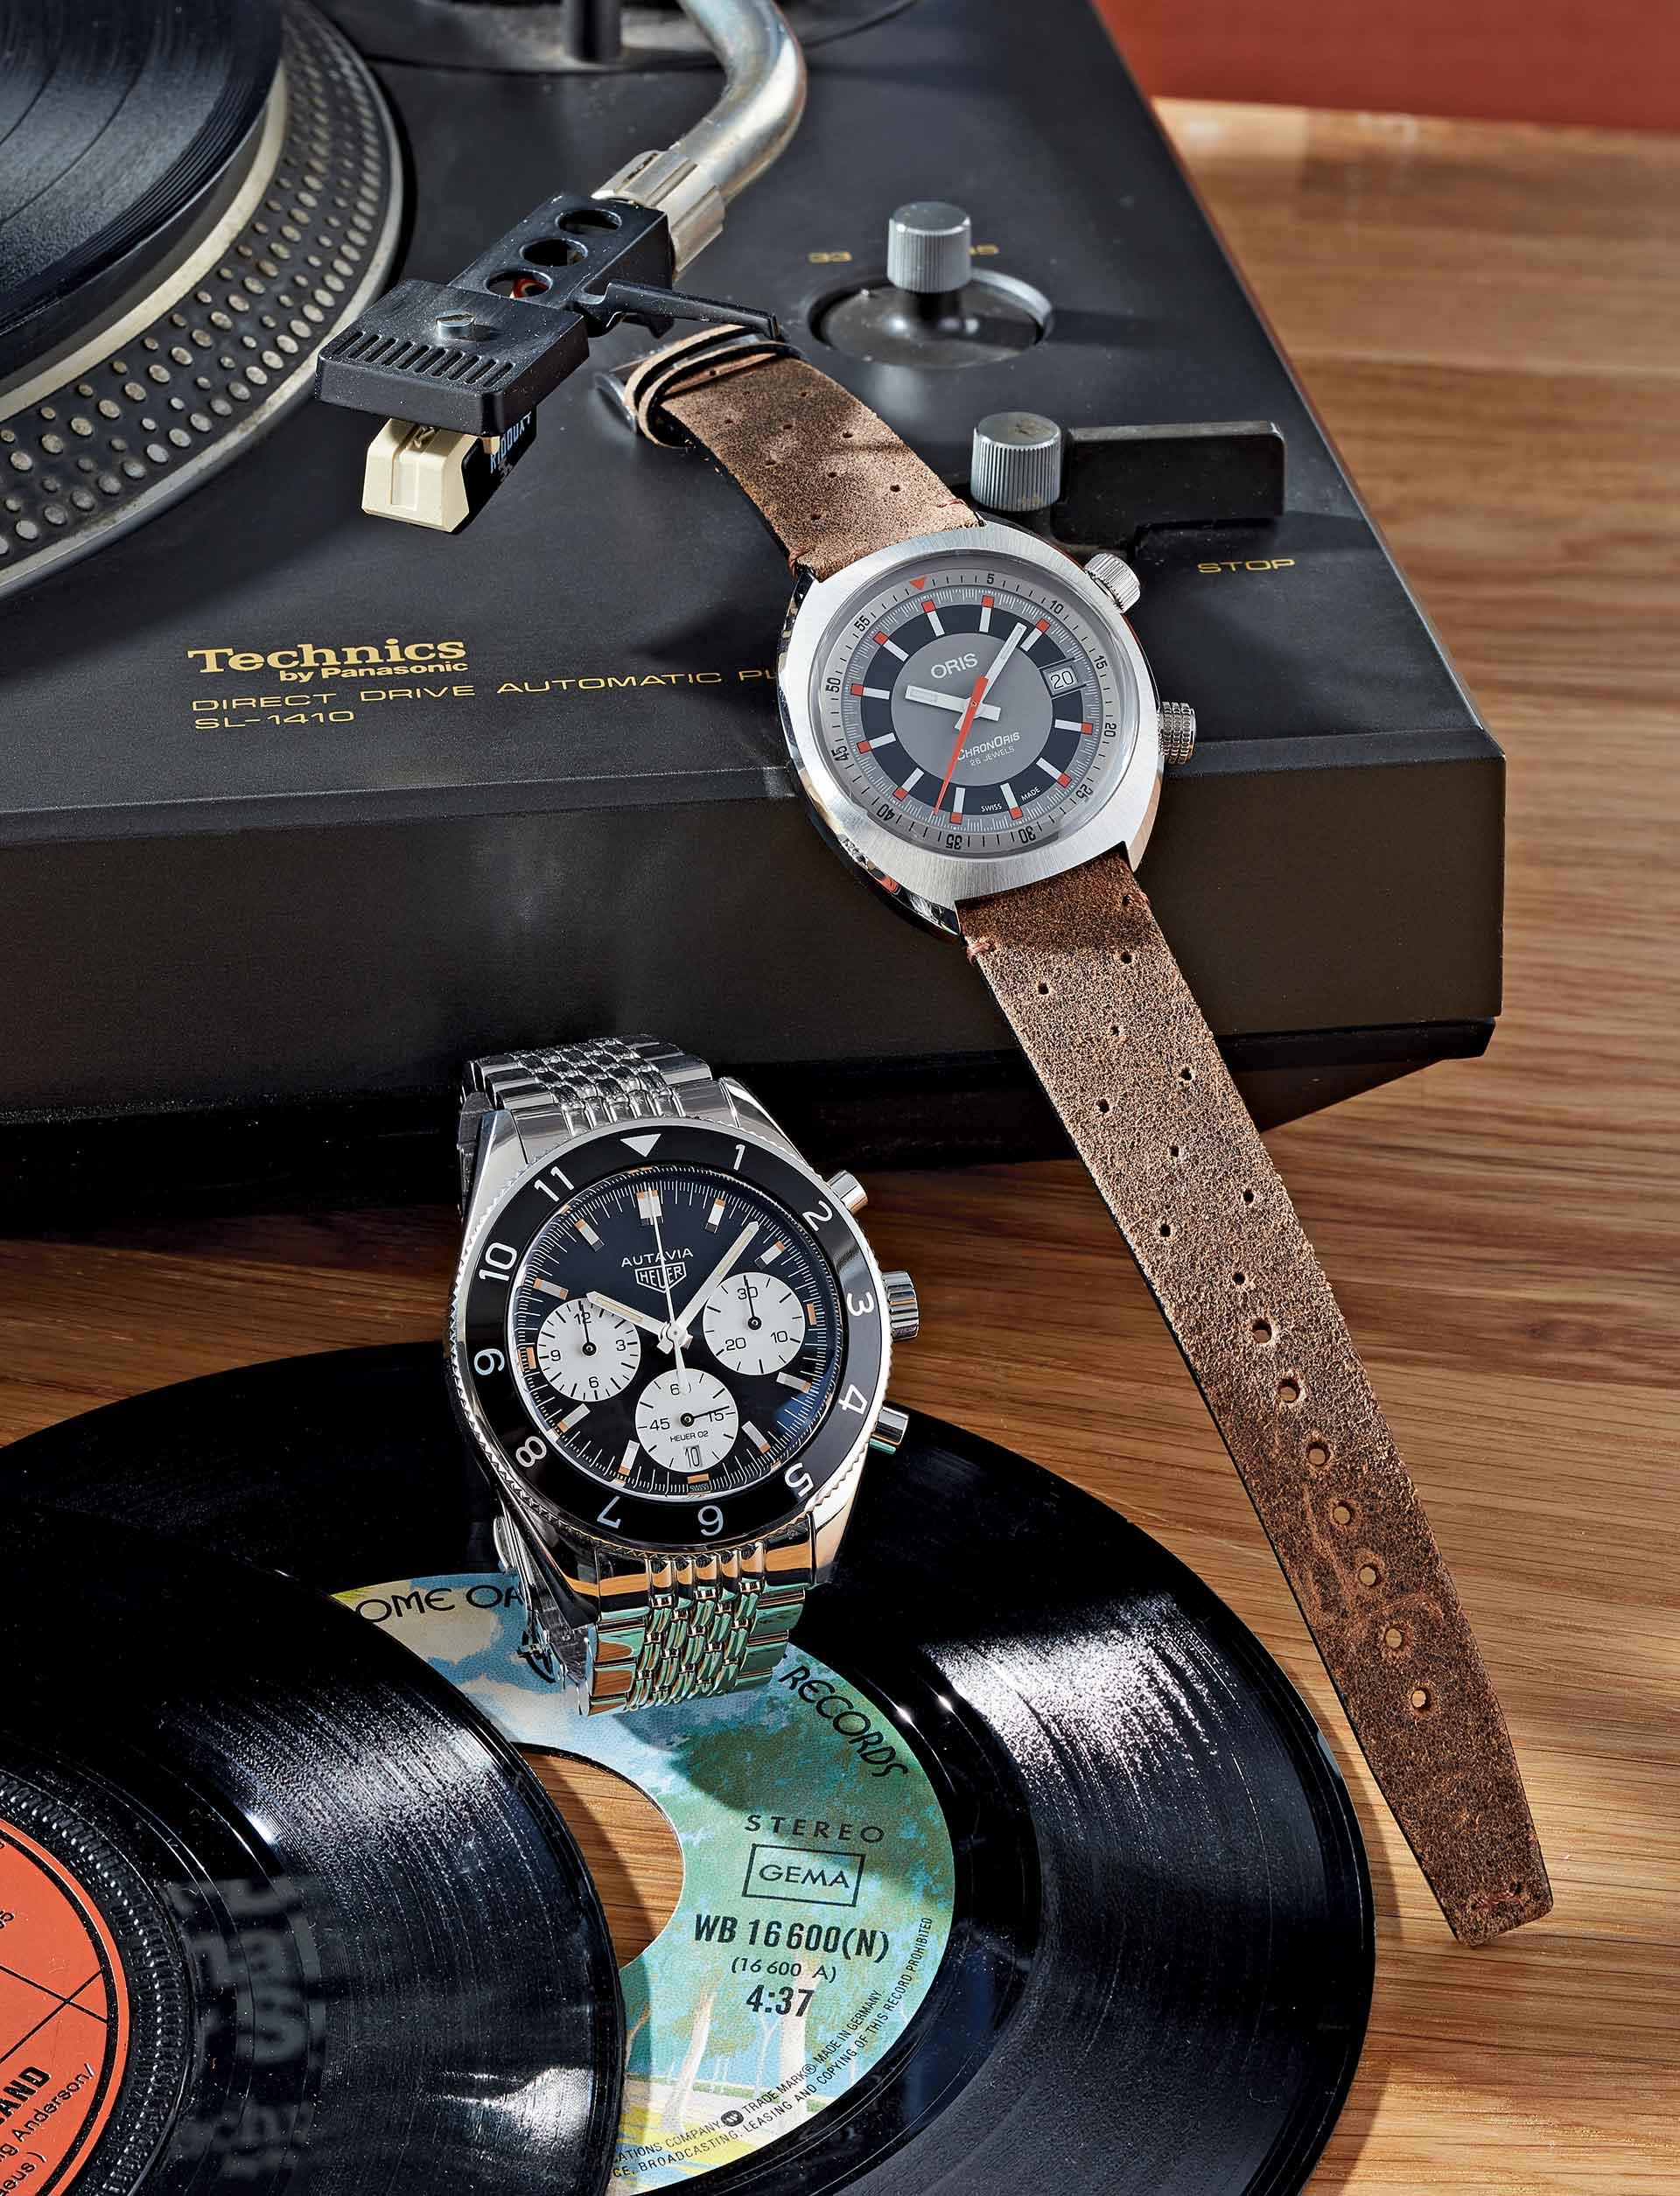 Der Chronograph Autavia Calibre 02 von TAG Heuer und das Modell Chronoris Date von Oris sind gestalterisch Kinder der 1960er Jahre.